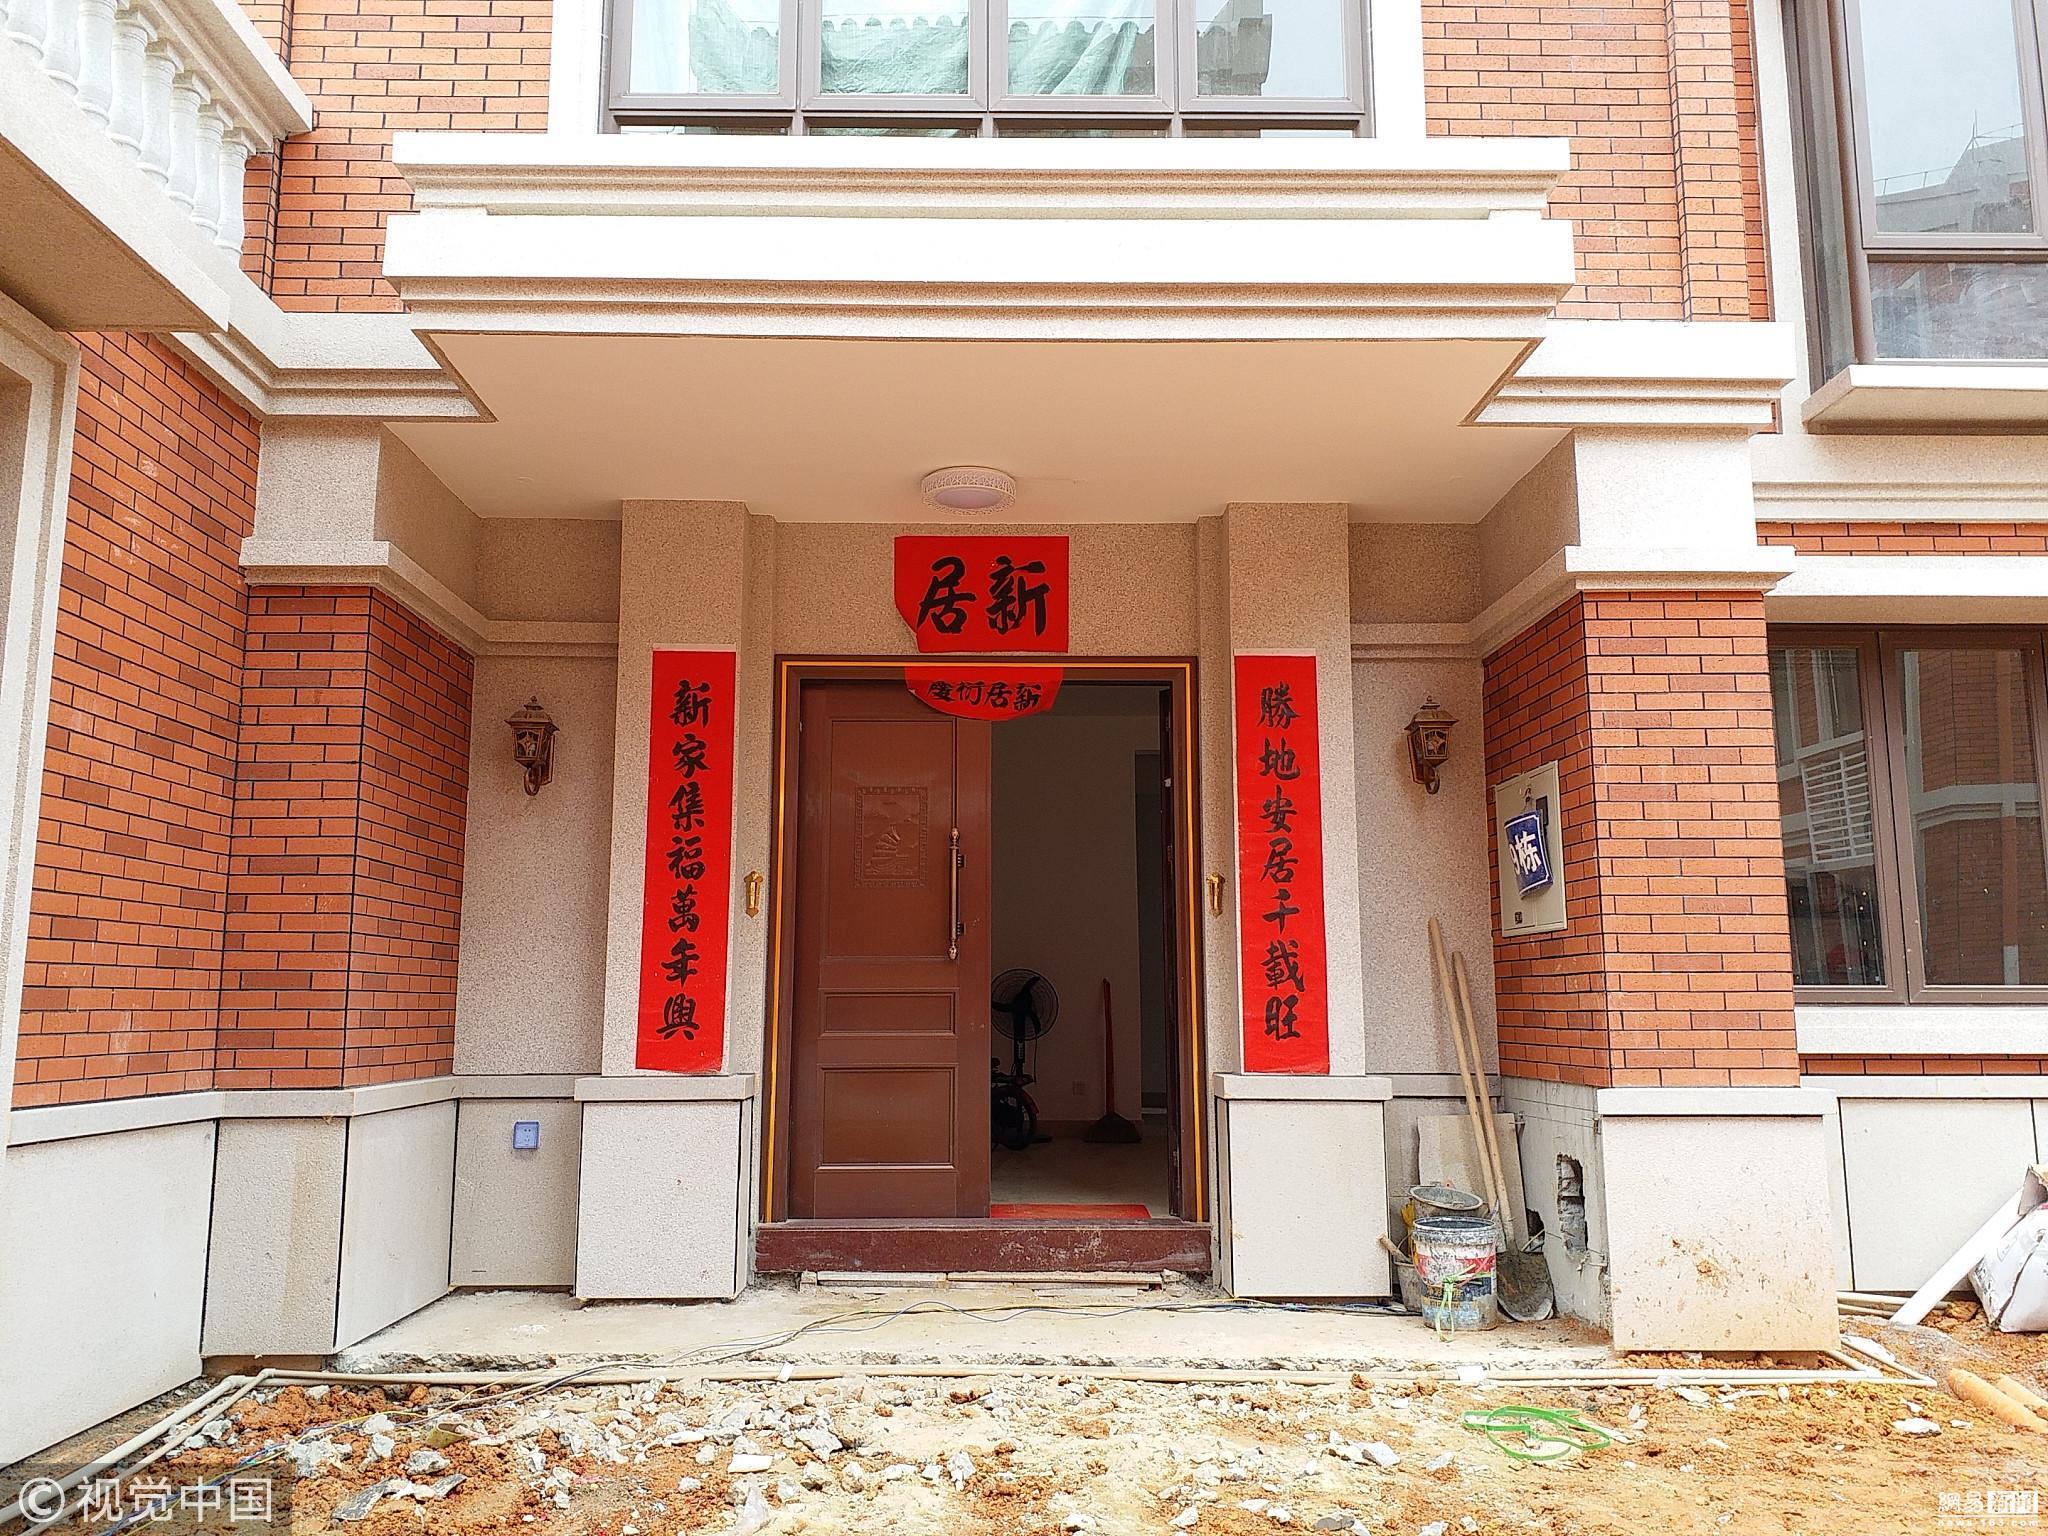 广东老板出资8000万 建45栋别墅送村民 !!! - 周公乐 - xinhua8848 的博客